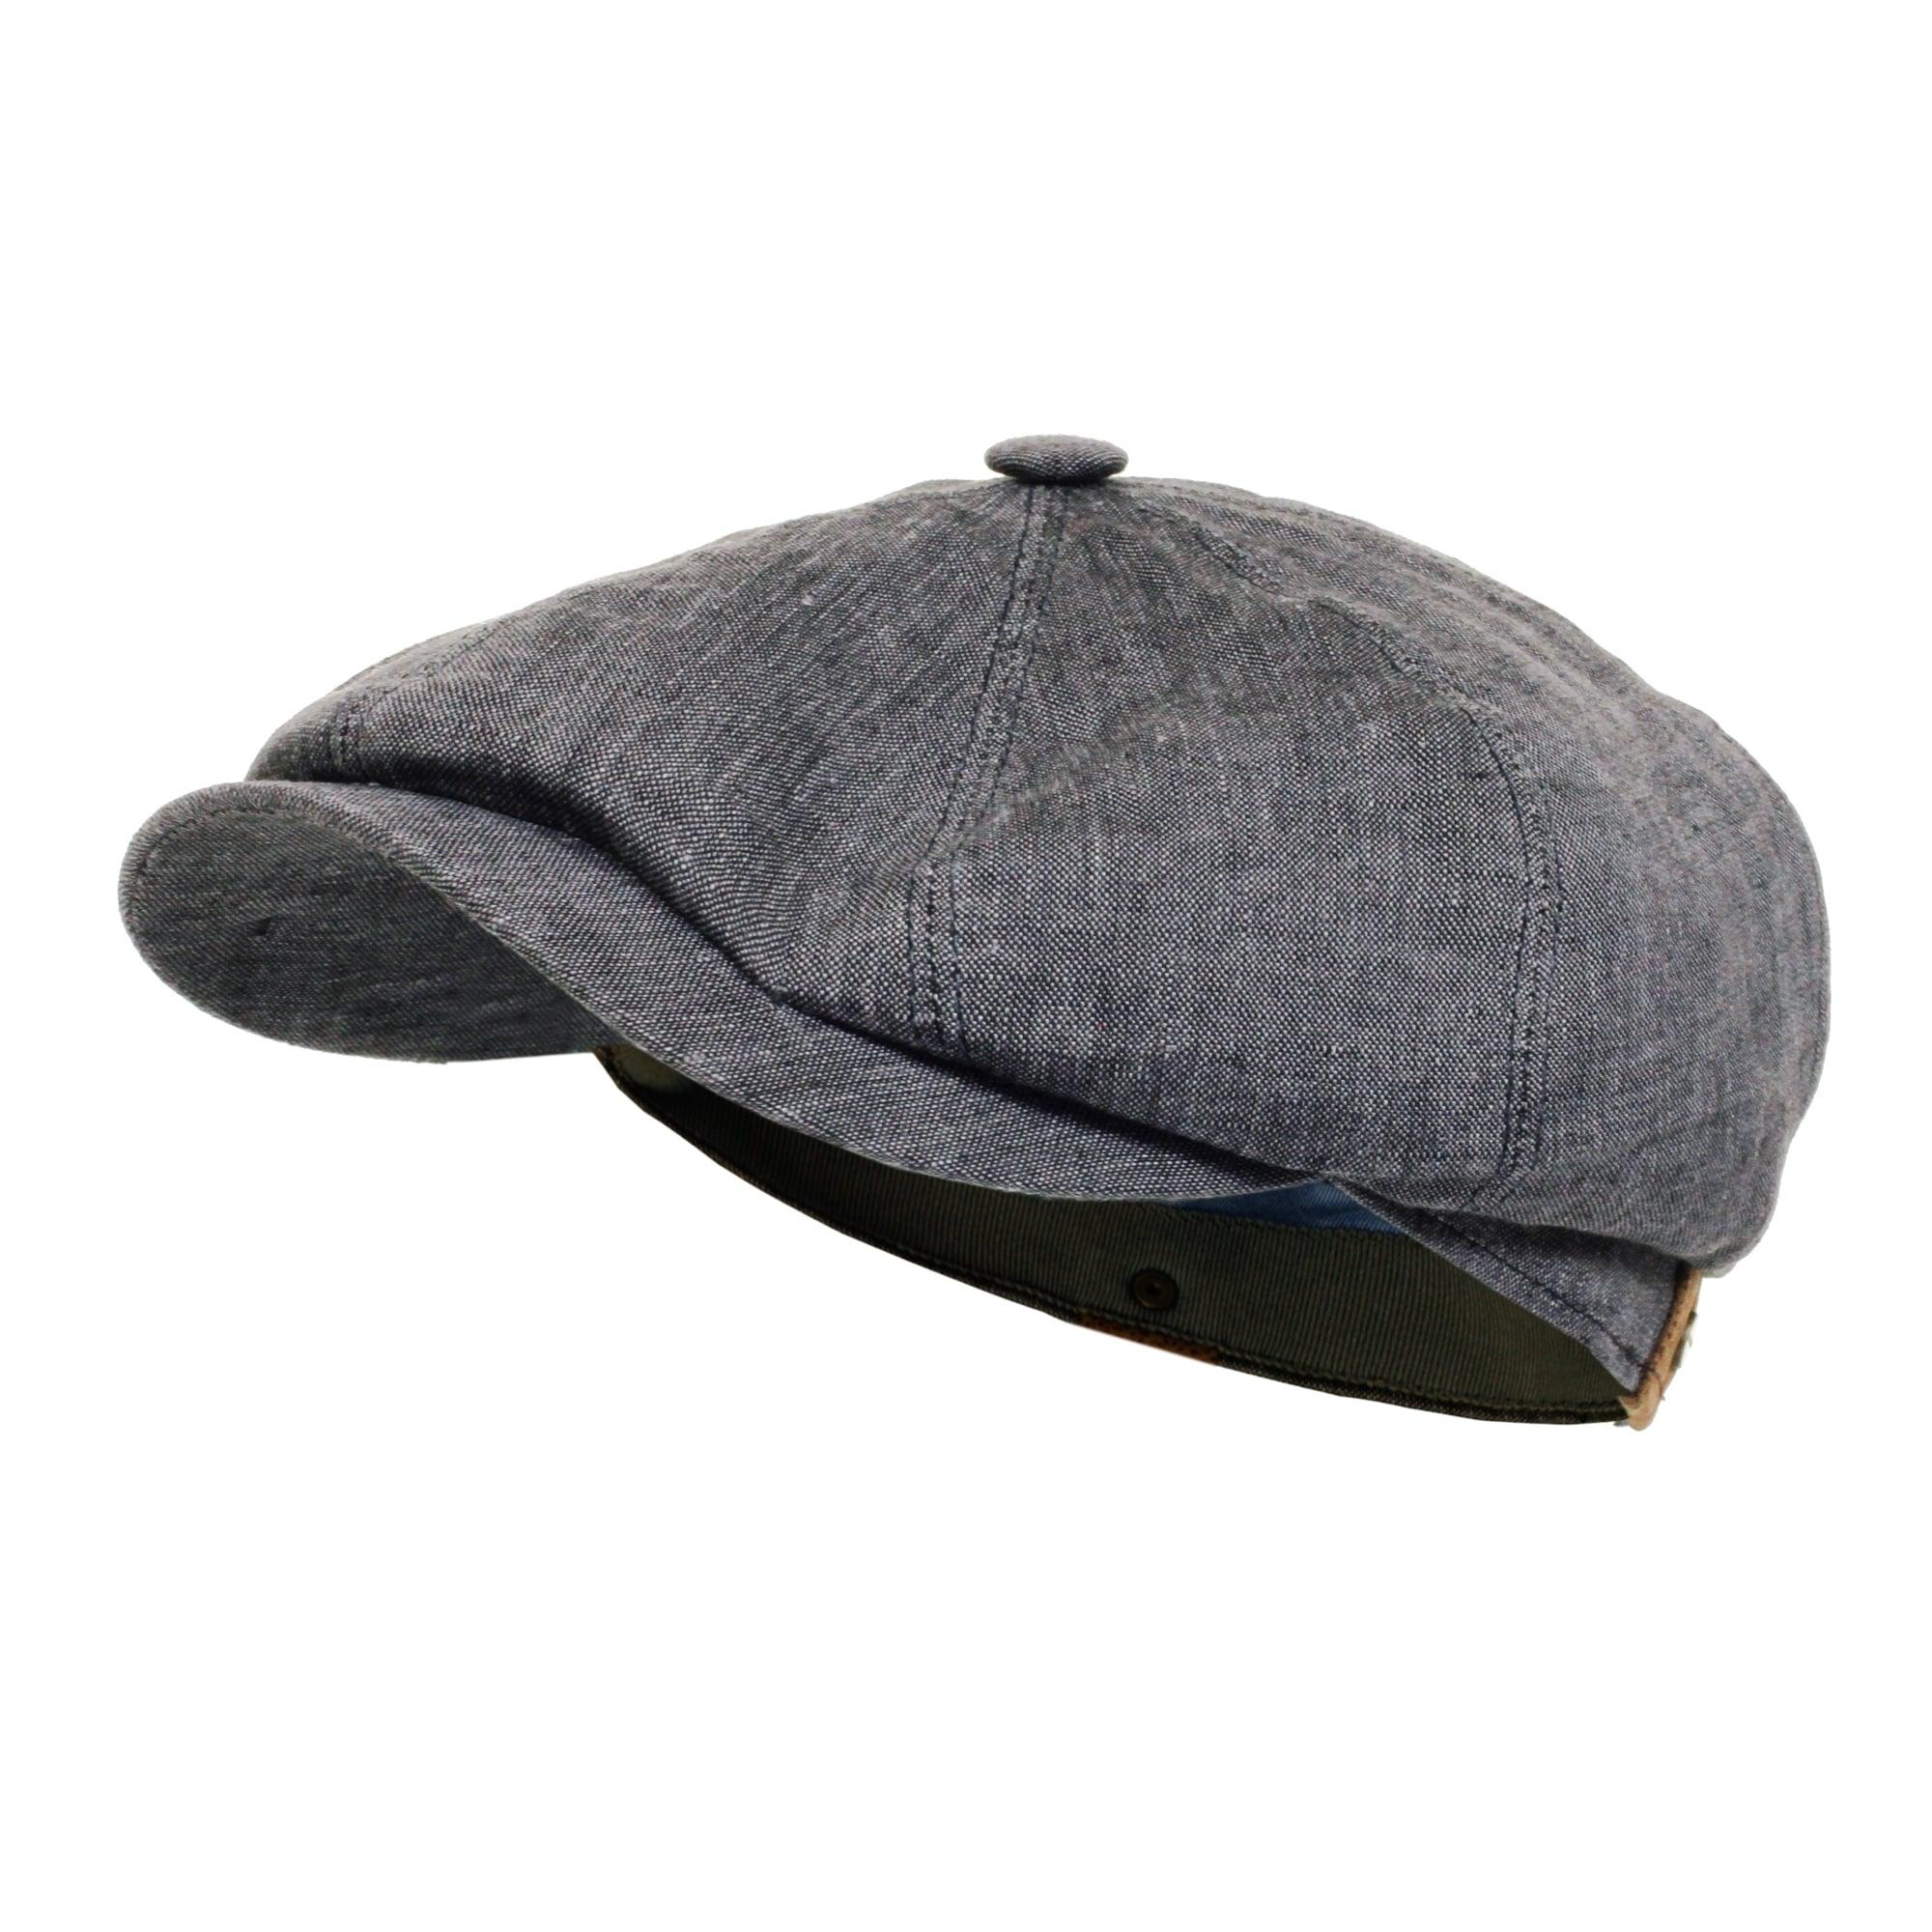 Hatteras Linen Newsboy Cap- Navy 829660ce82